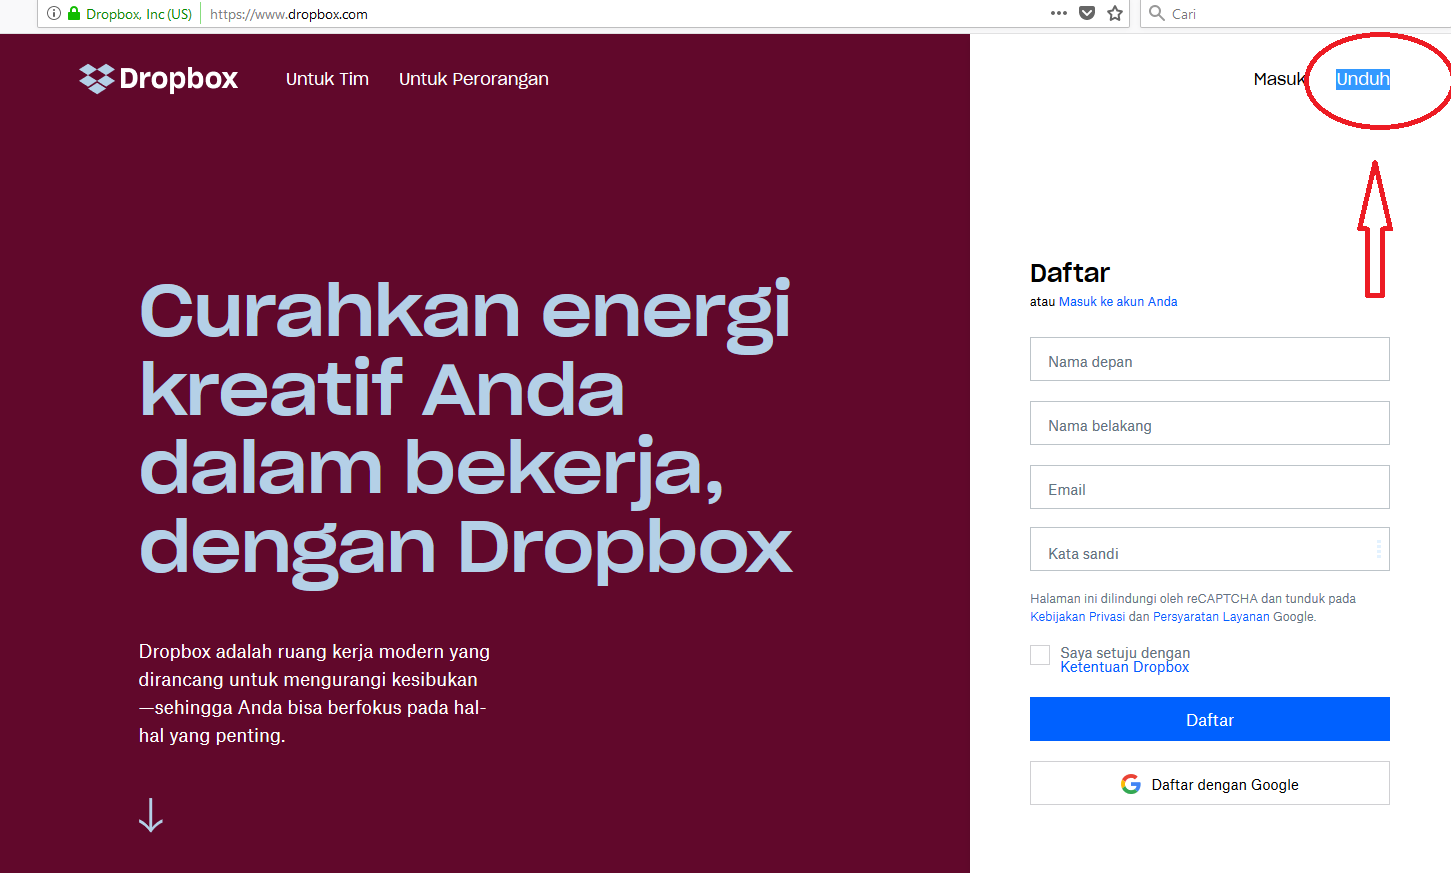 tutorial dropbox pejabat lelang kelas II